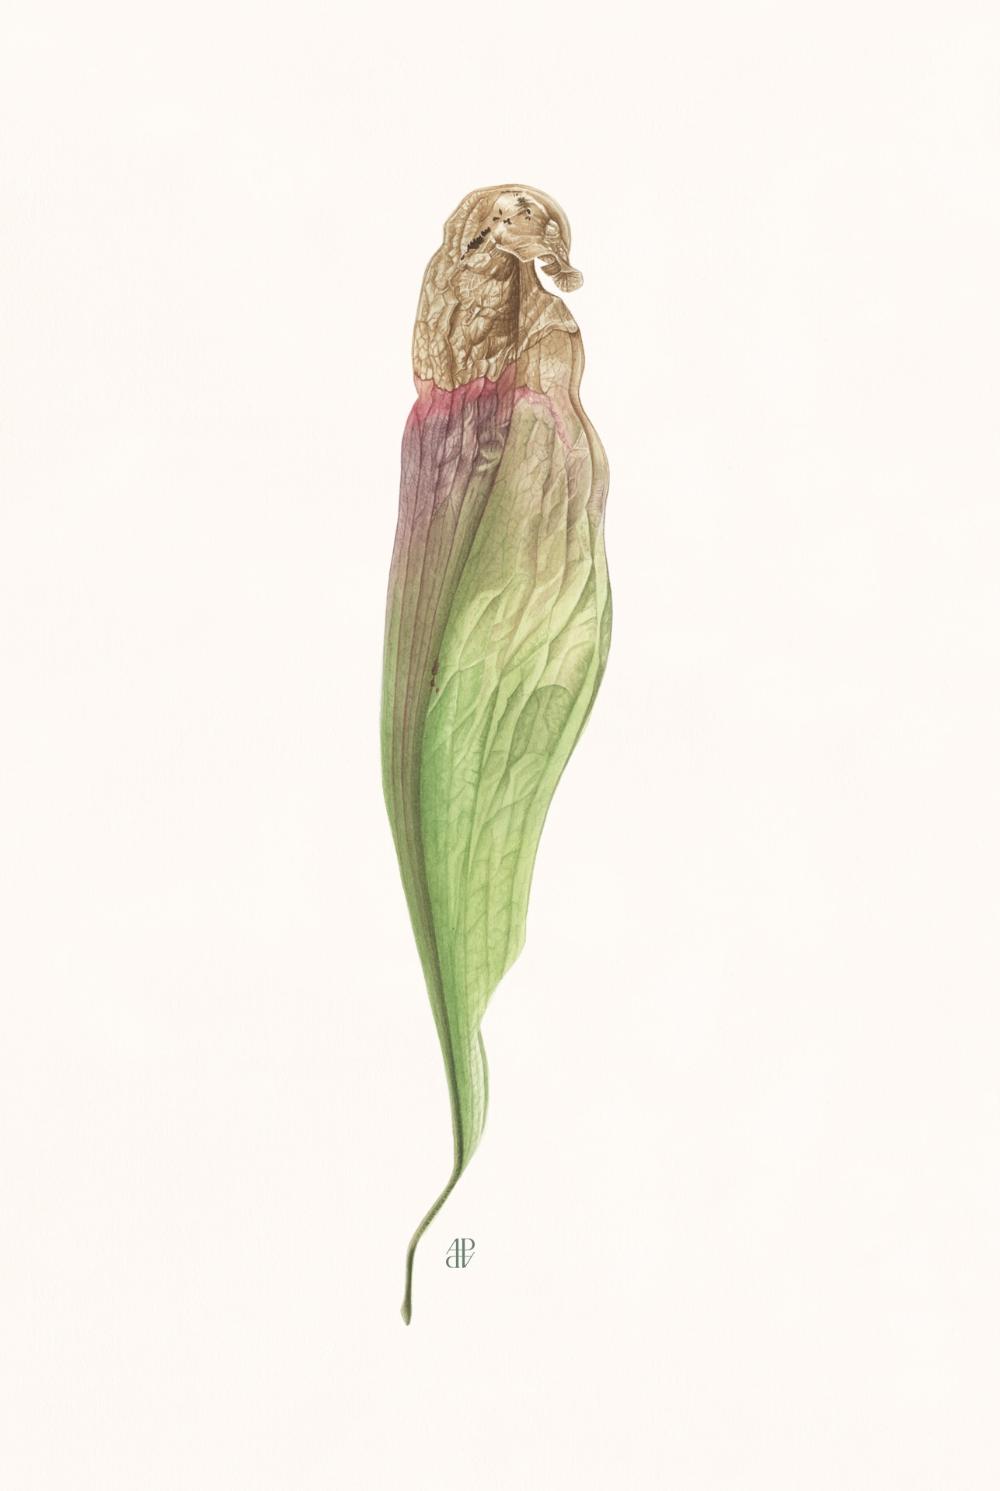 Botanique Anne Pieussergues Dherbicourt Com Illustration Botanique Botanique Illustration